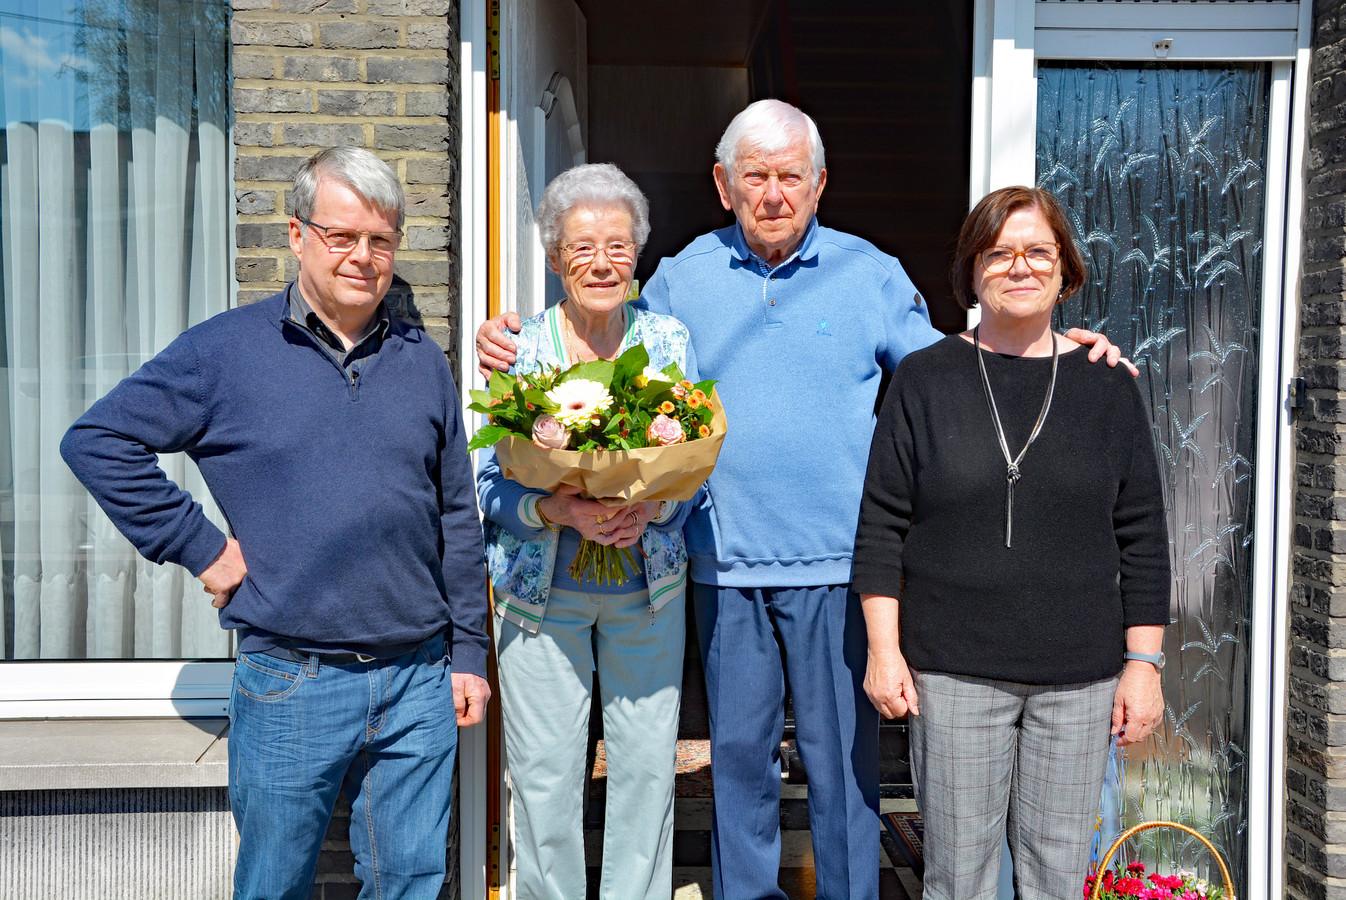 Joseph Bommerez en Maria Grymonprez zijn 60 jaar getrouwd.